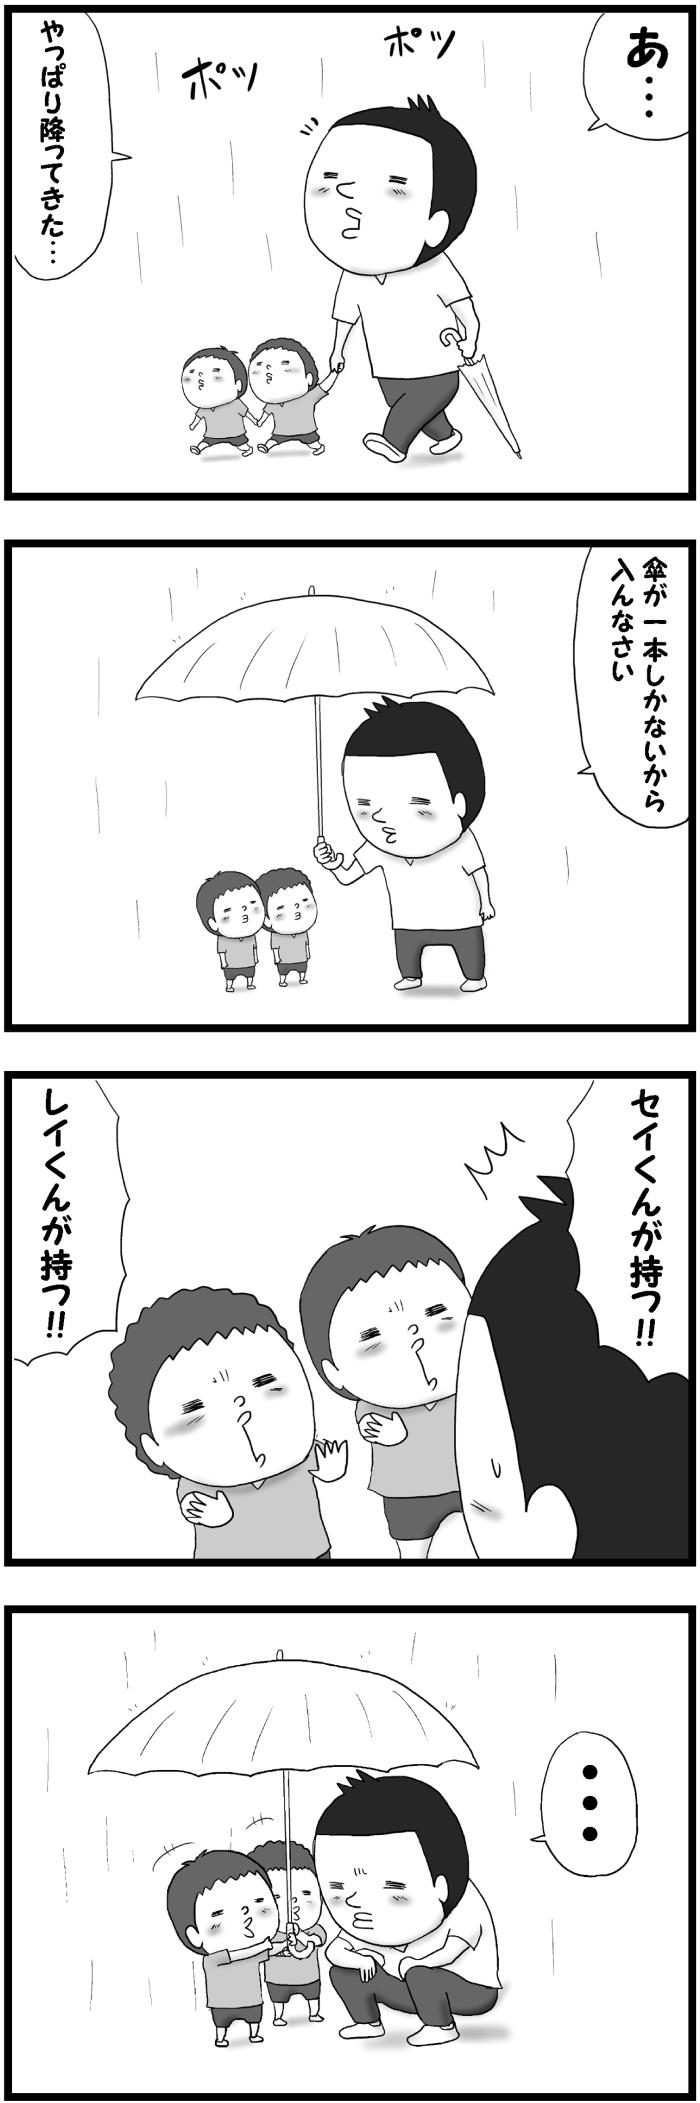 父+双子BOYS=やんちゃモード全開!!雨の日のヒャッホーな戯れ!の画像4